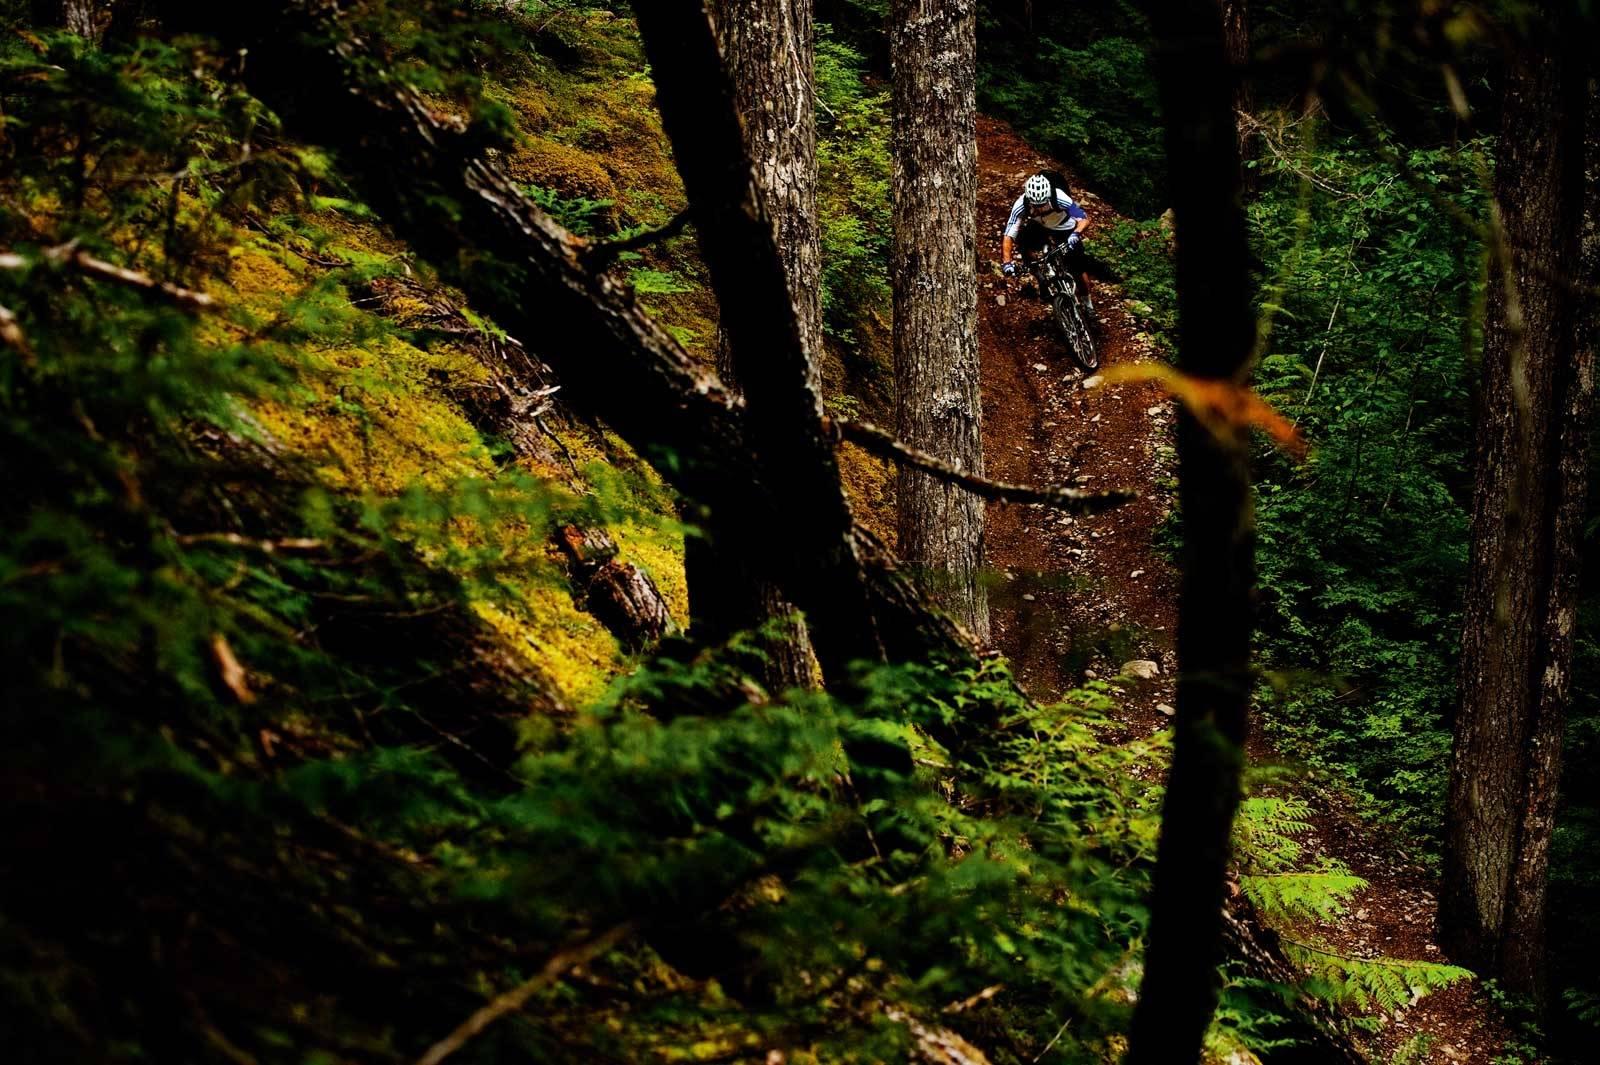 Stisykling-guide-British-Columbia-Squamish-1